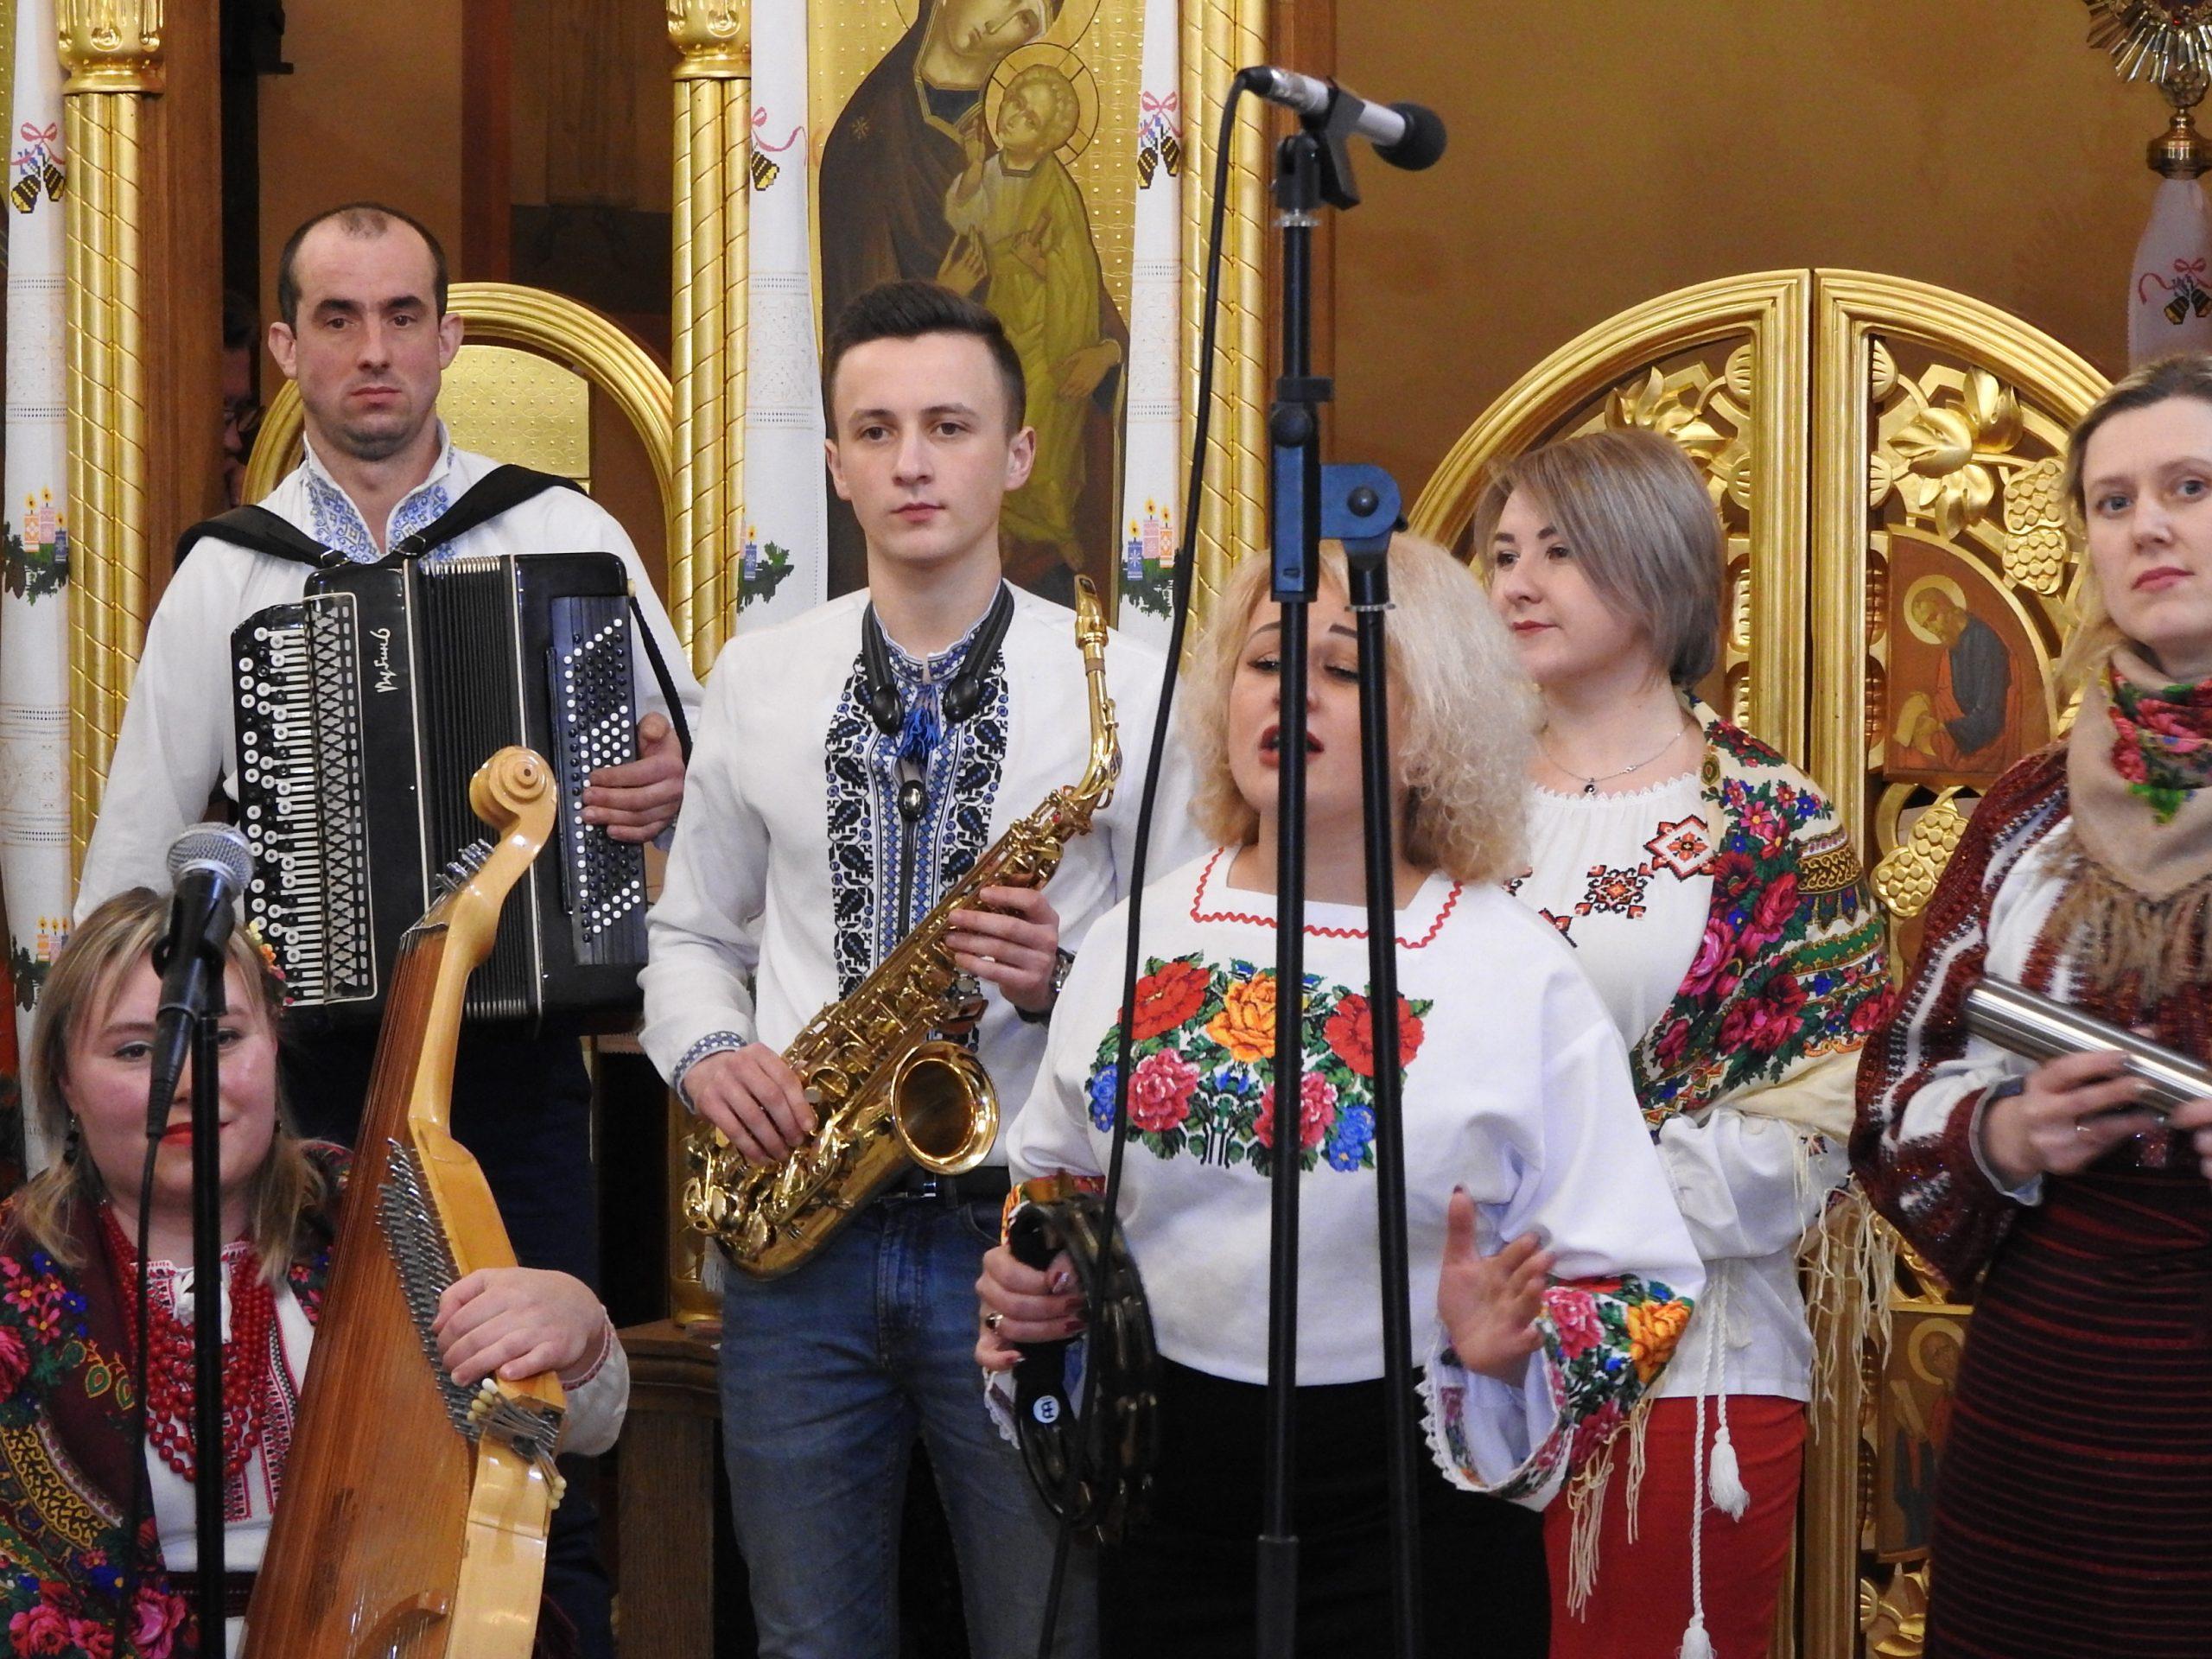 Вокально-інструментальний ансамбль, с. Зимна Вода